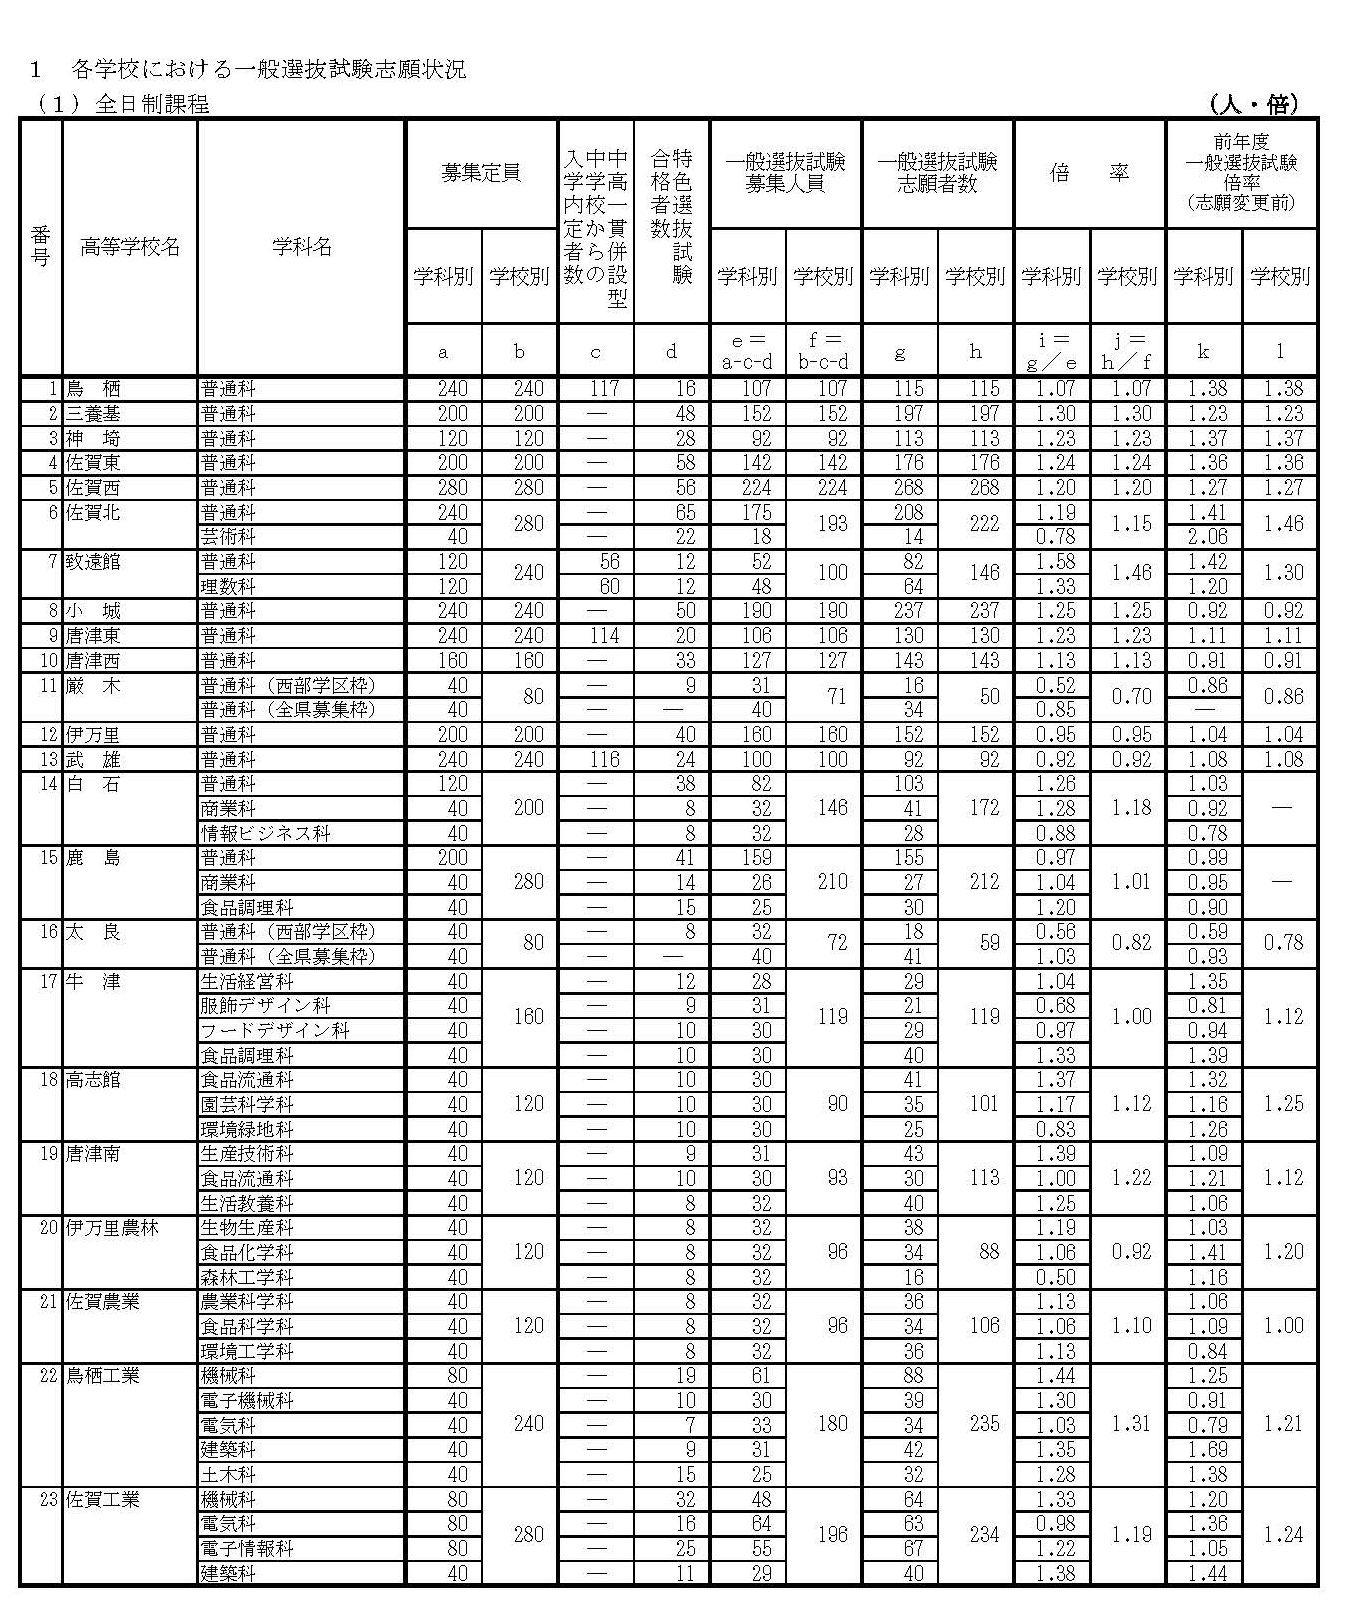 高校 2021 県 佐賀 倍率